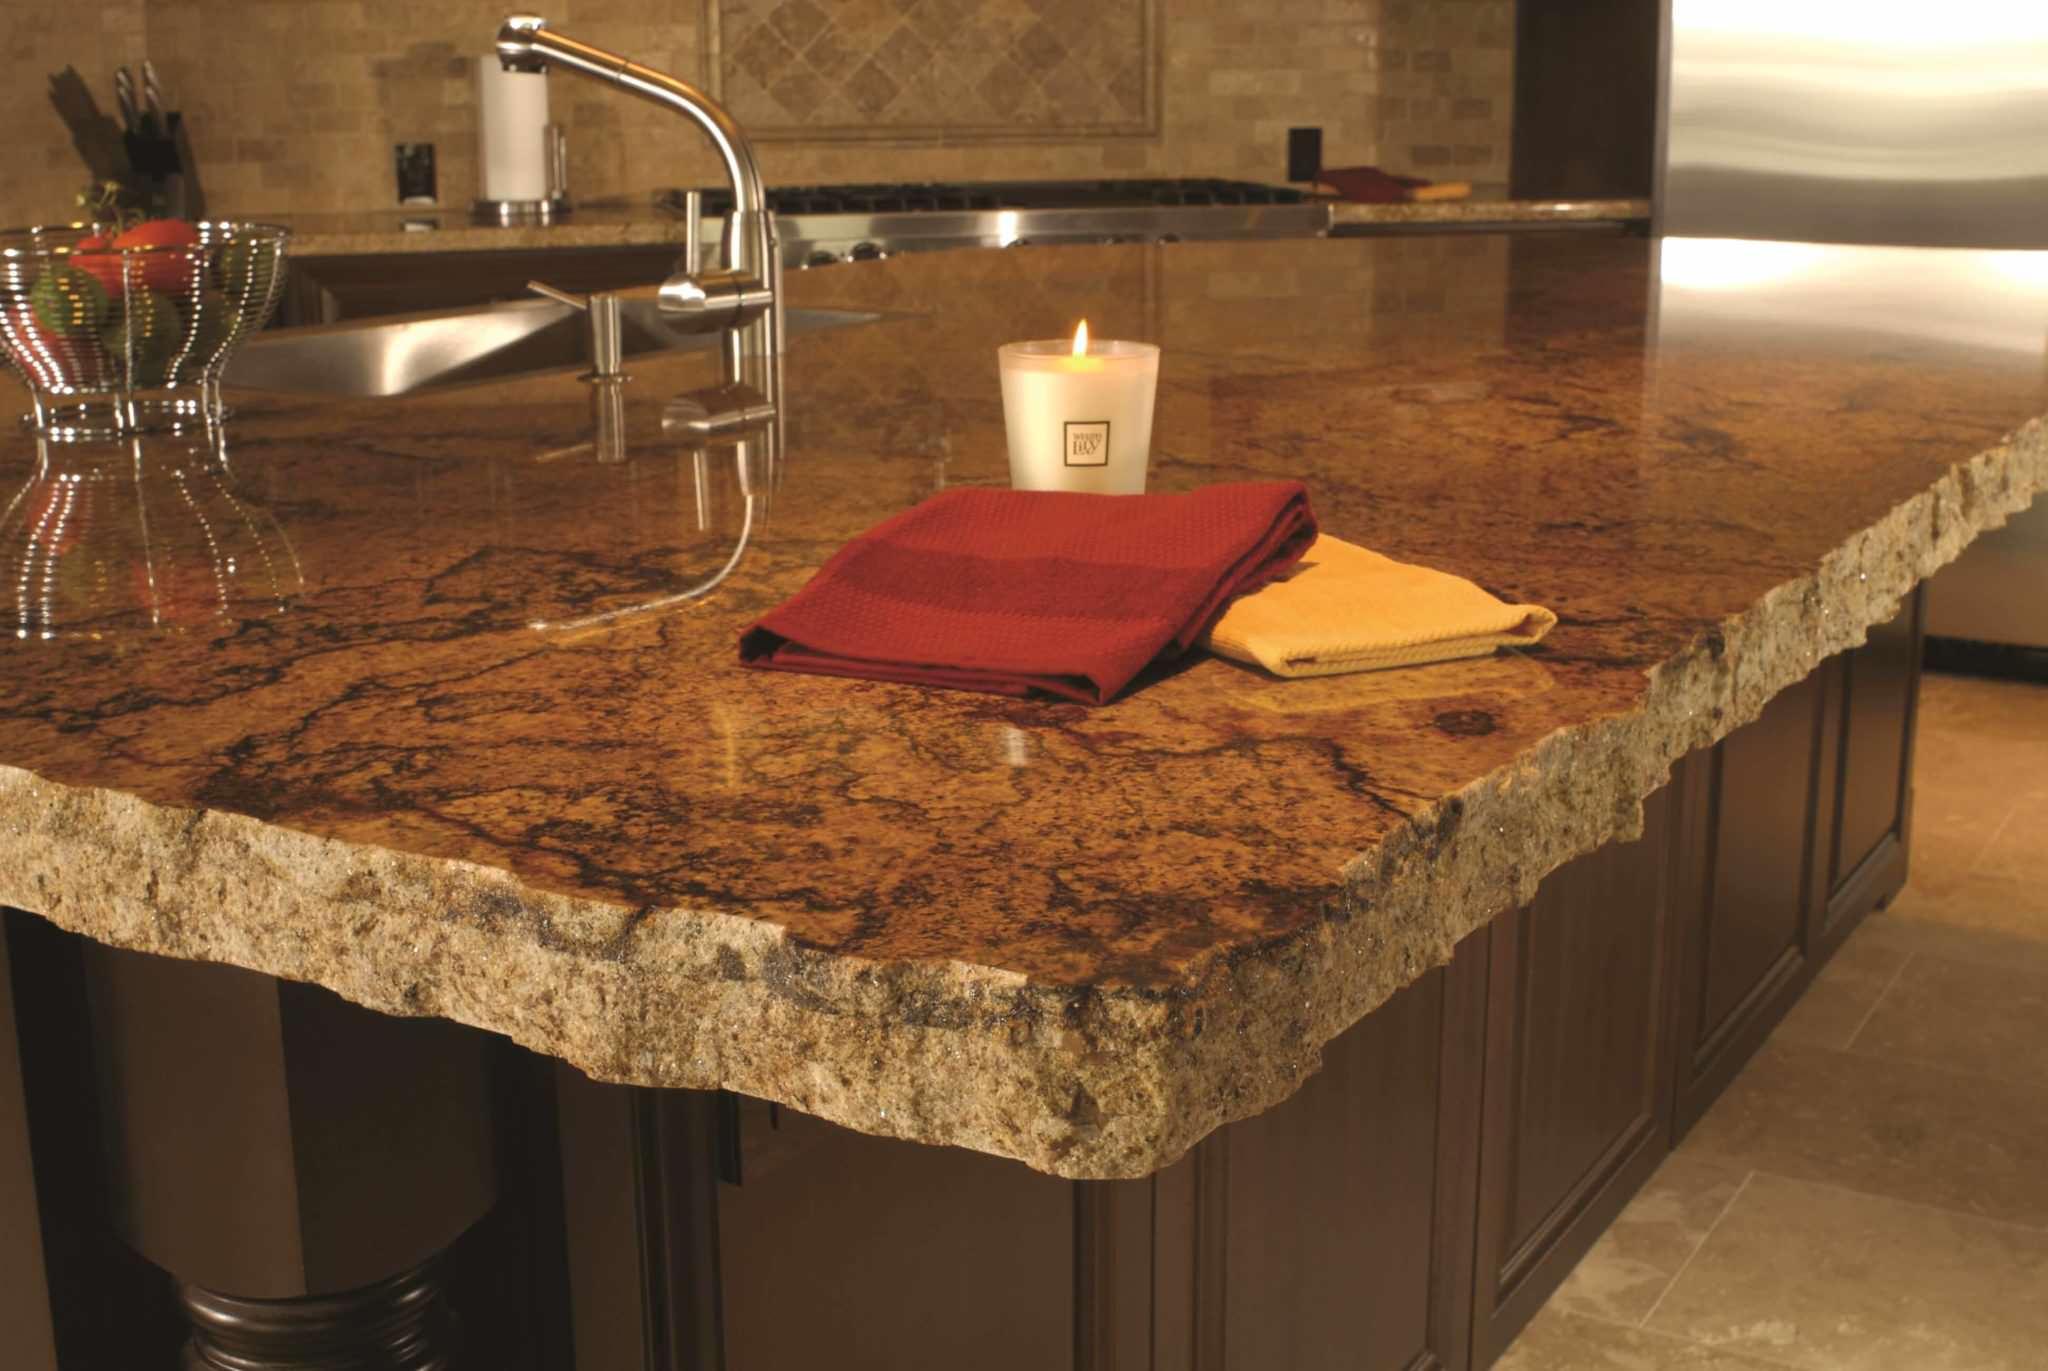 Concrete Kitchen Countertops San Diego